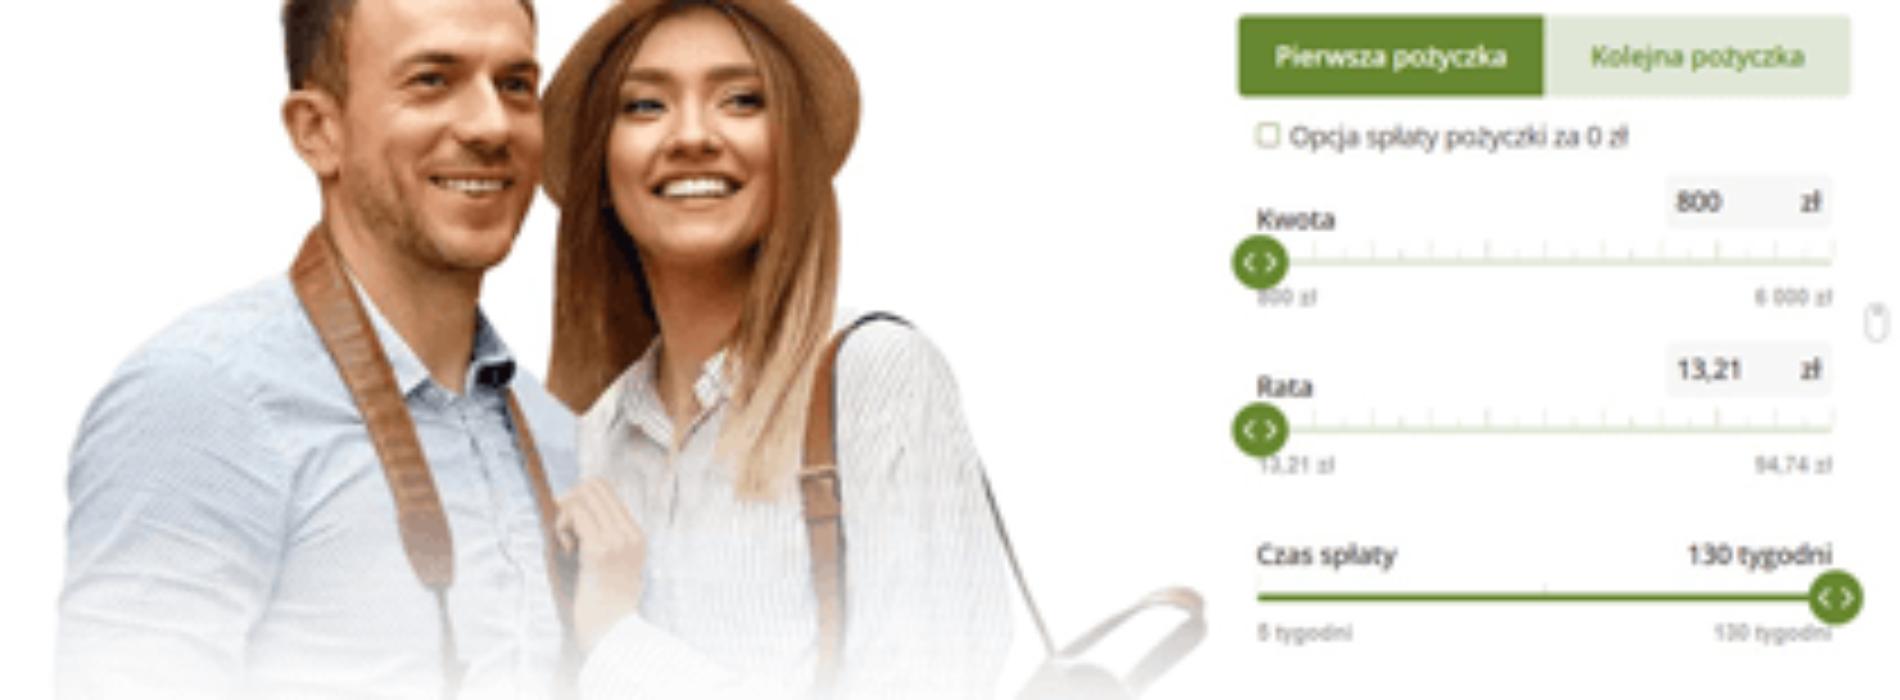 Loanme – recenzja pożyczki i opinie